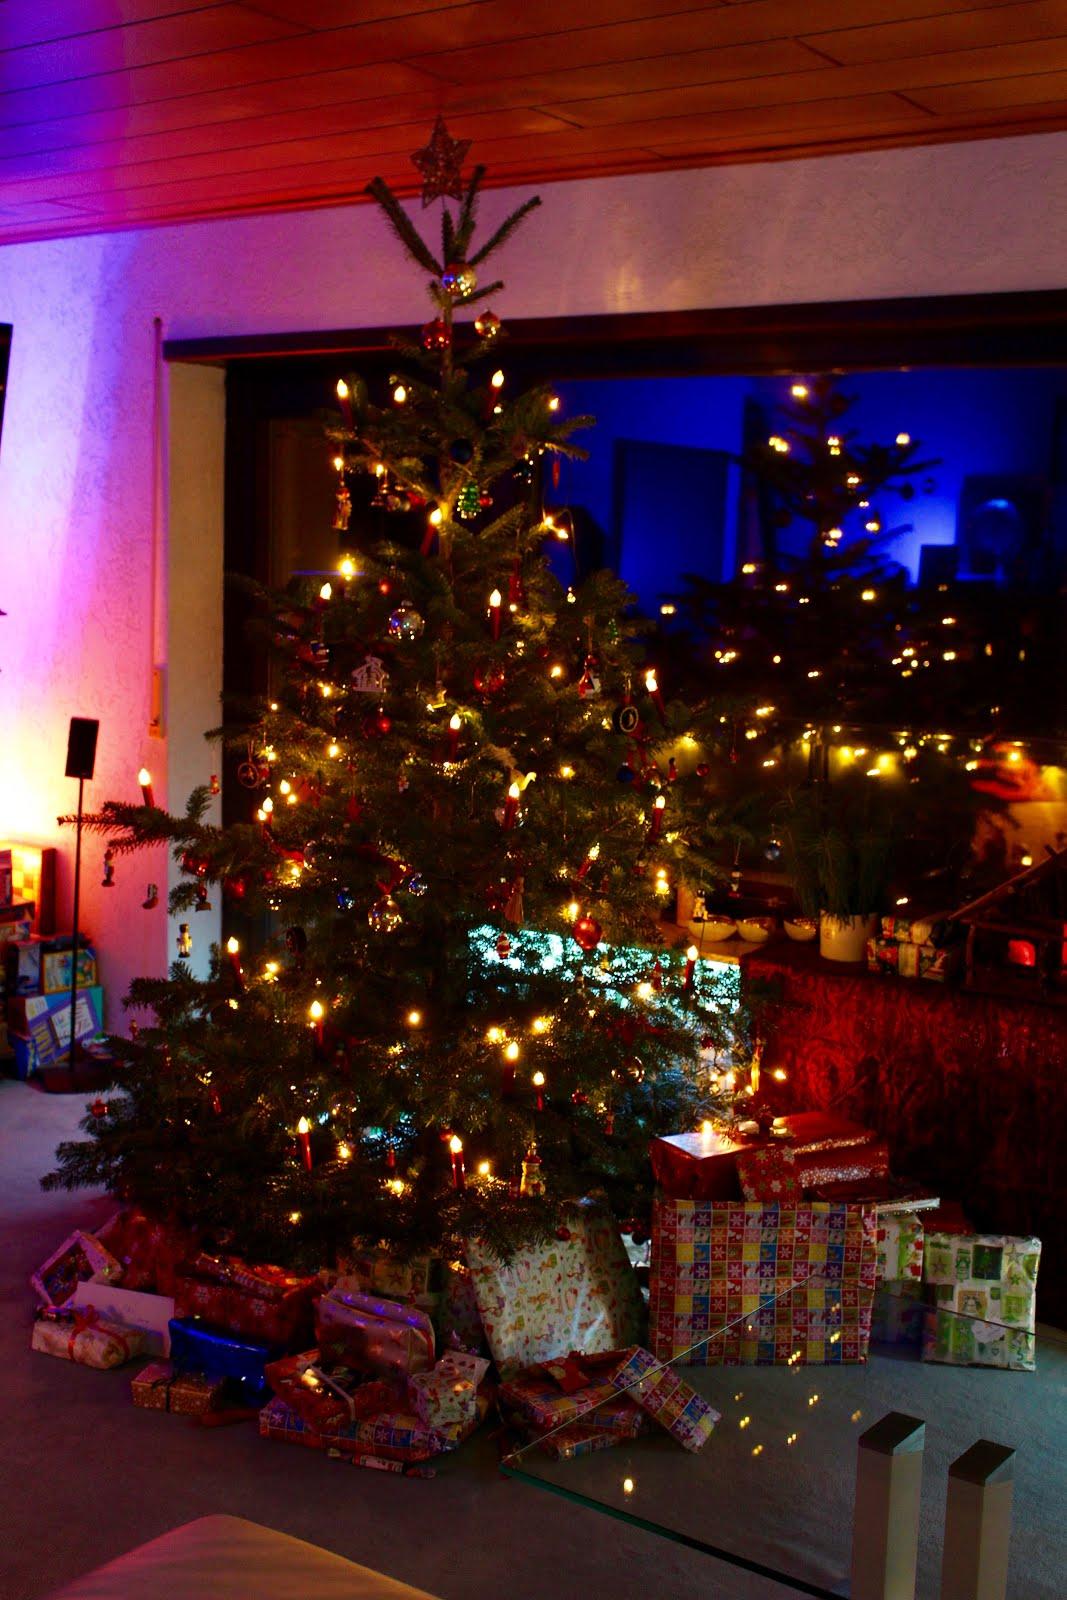 Weihnachtsbaum am Vorabend des 24.12. 2018 in Hoffenheim